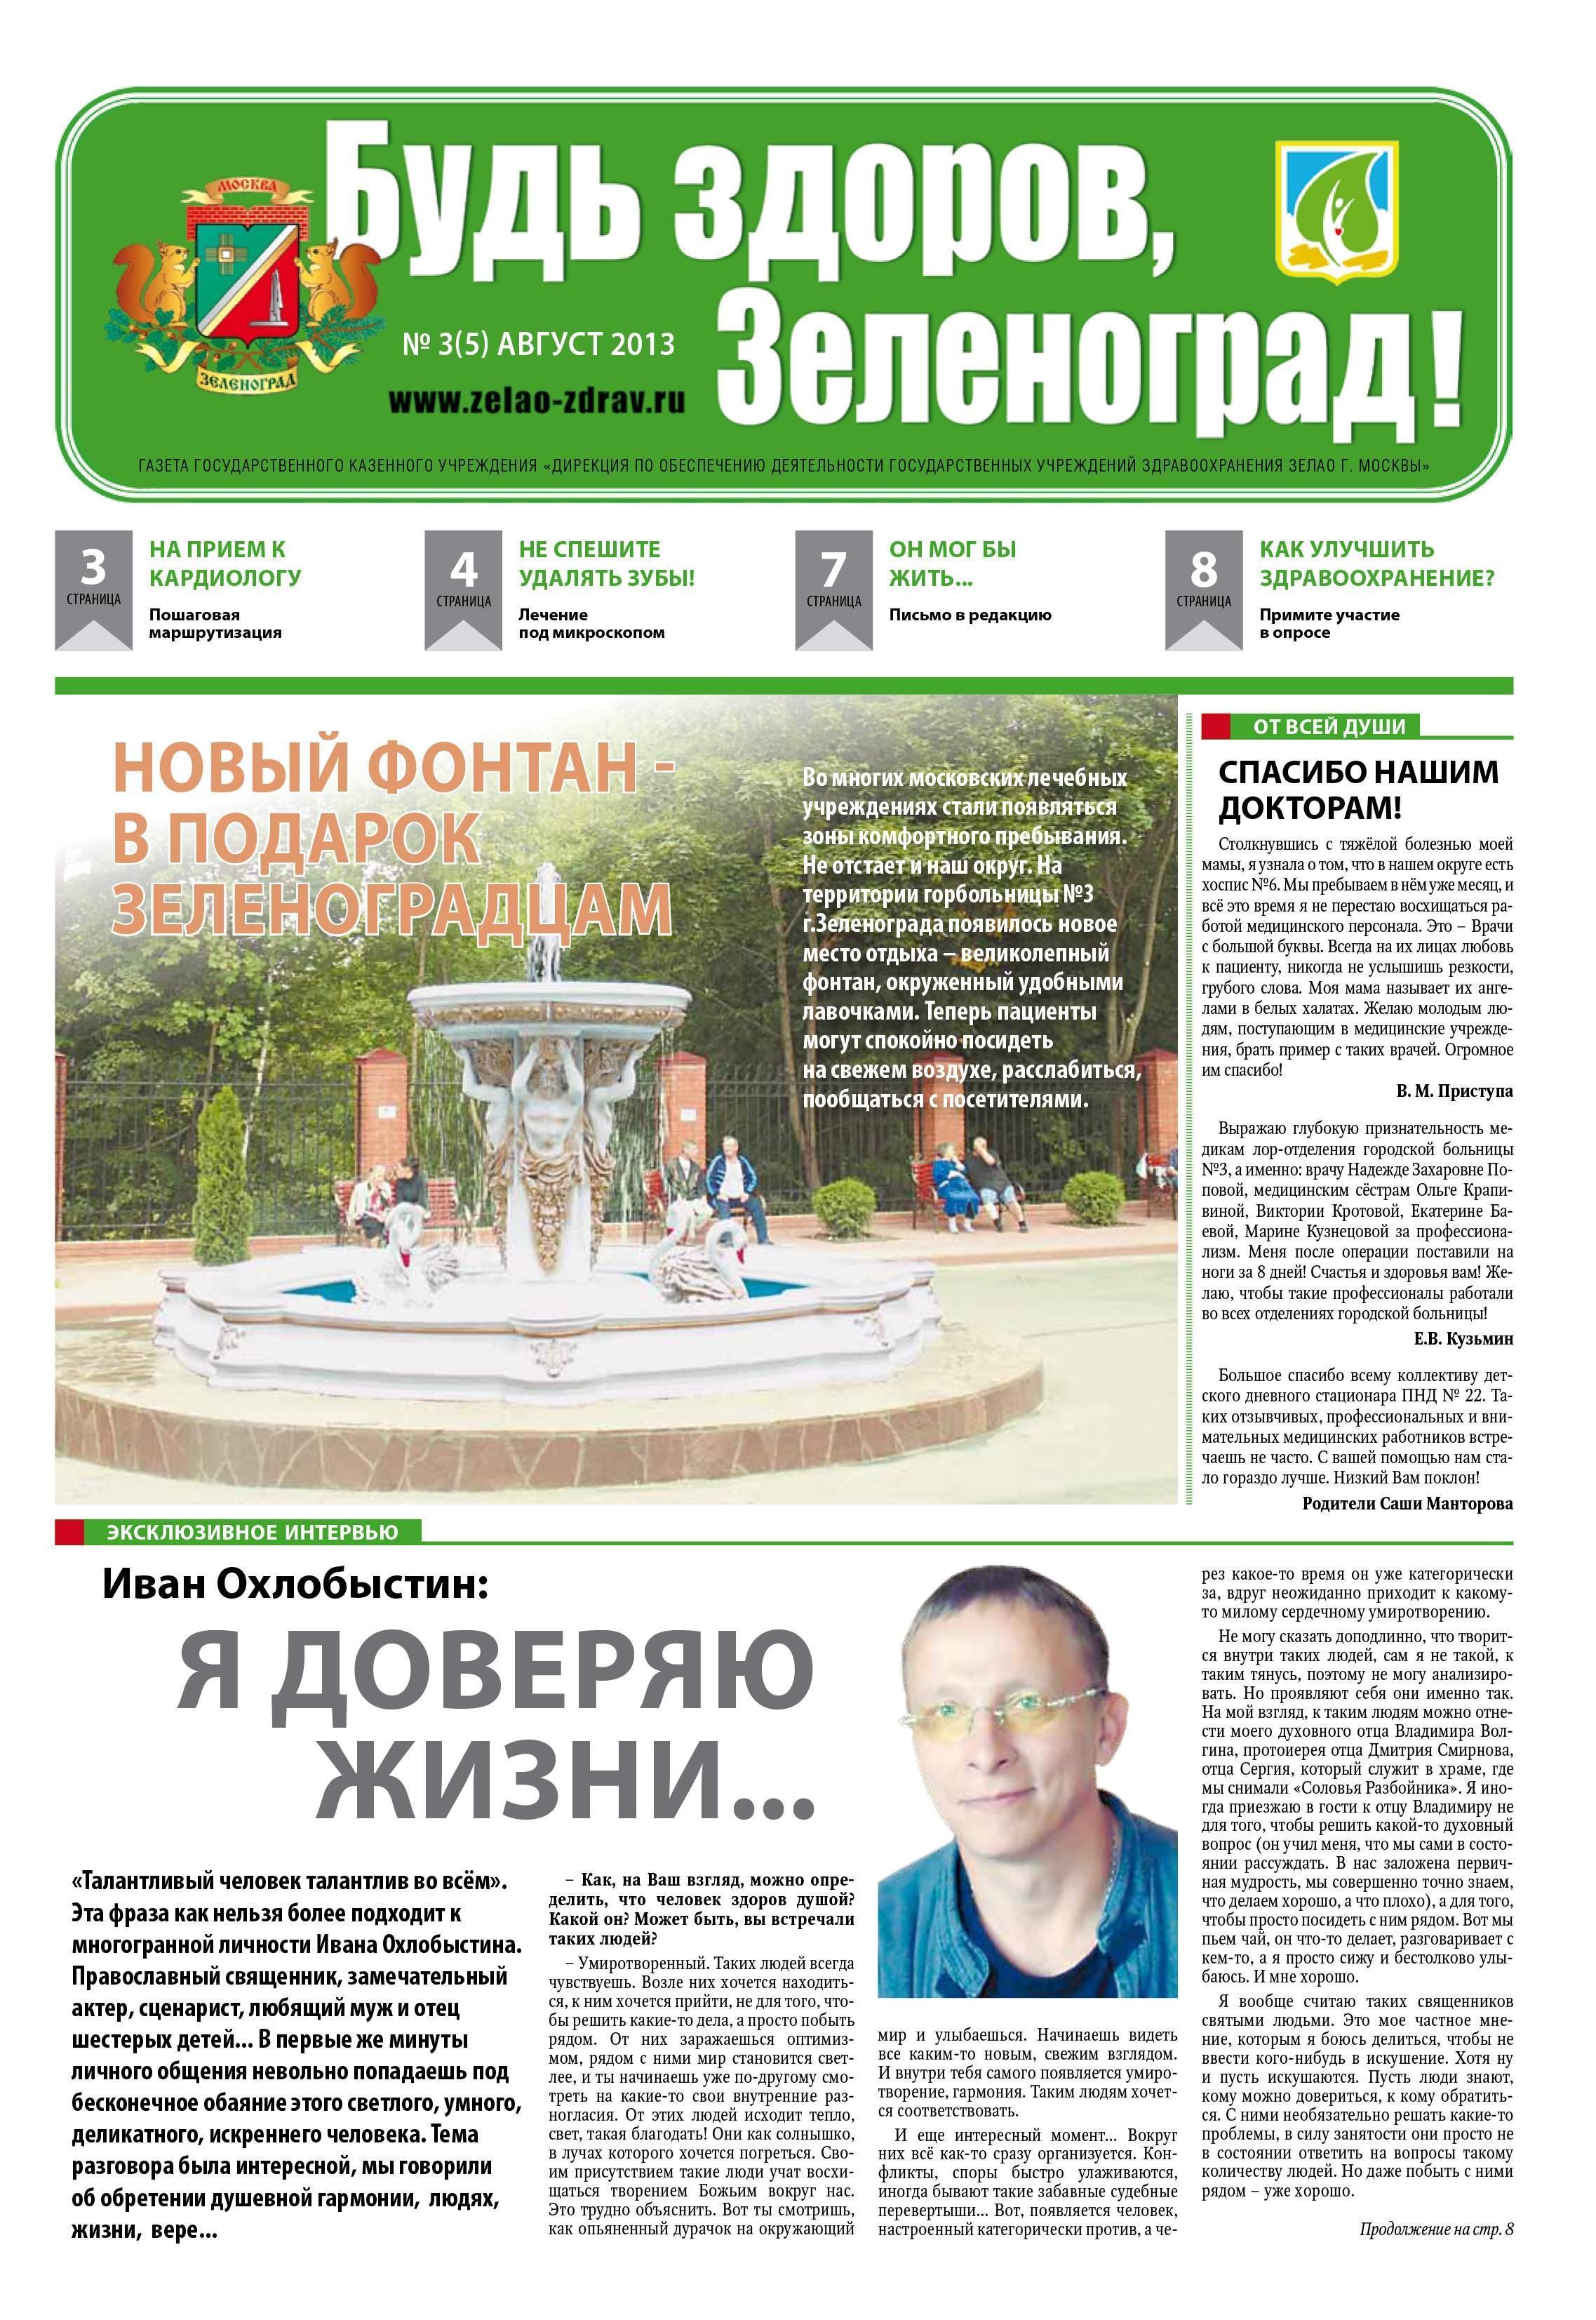 Знакомства зеленограде газеты